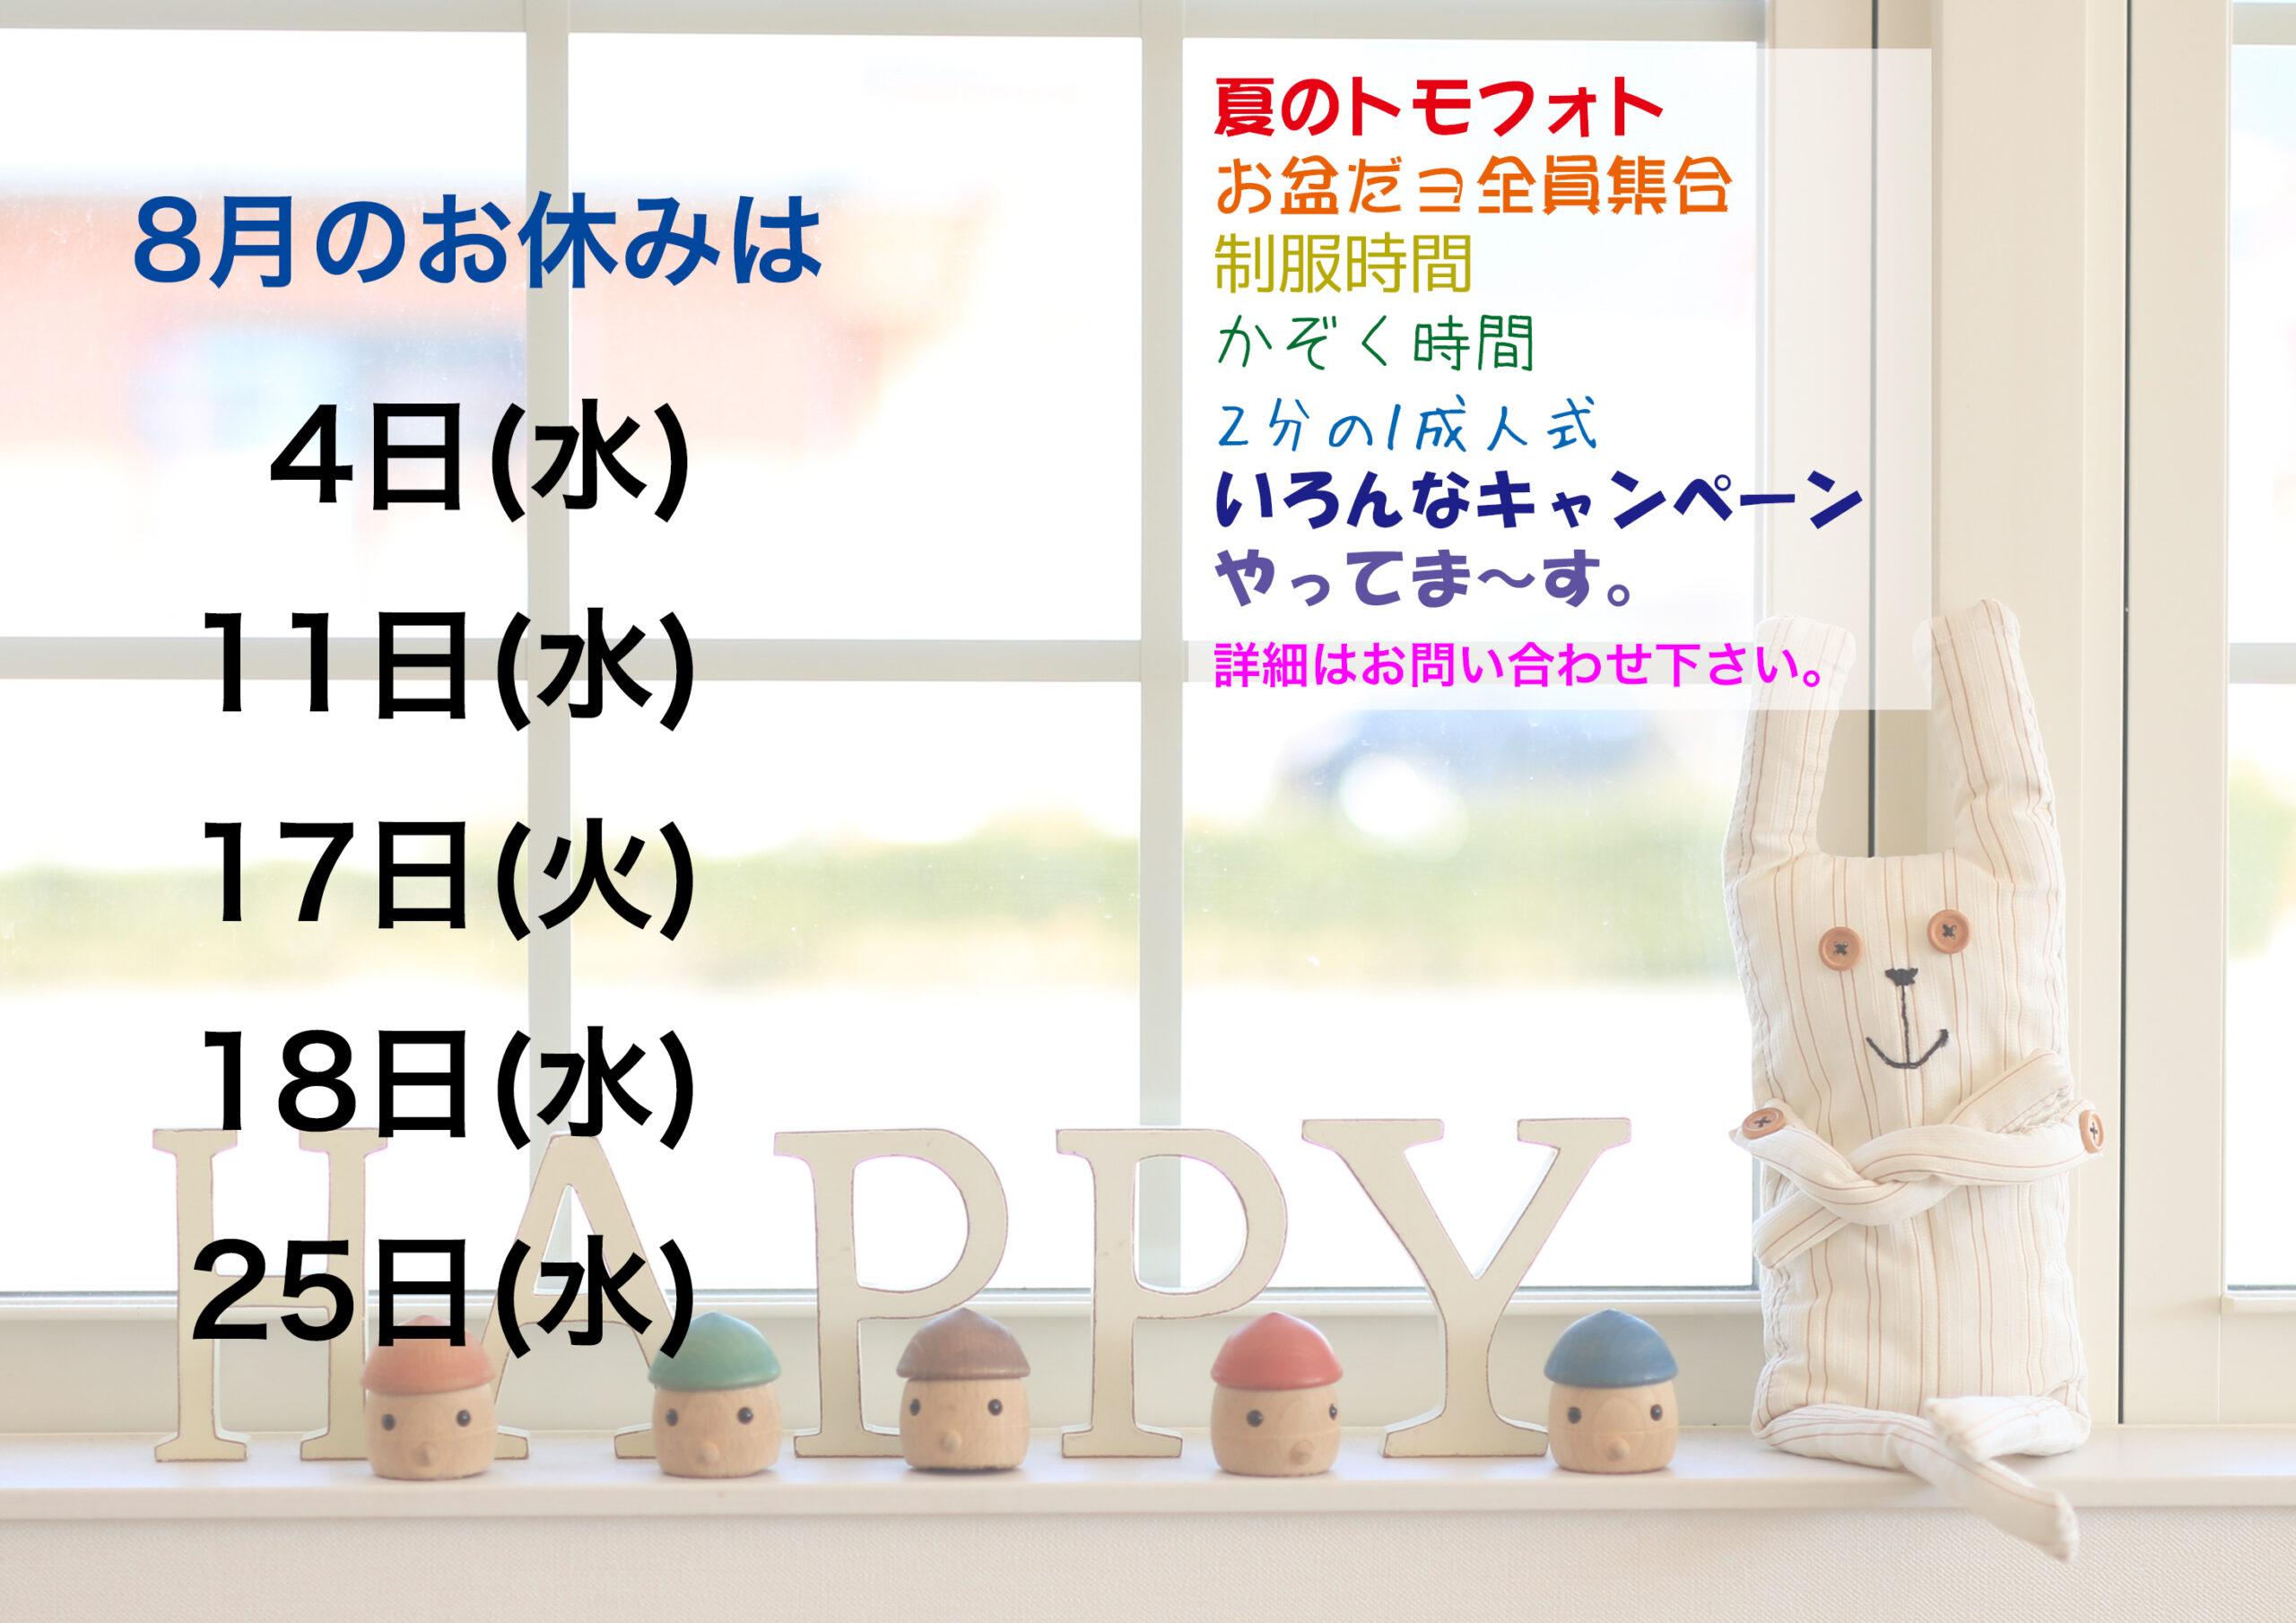 8月の営業予定〜